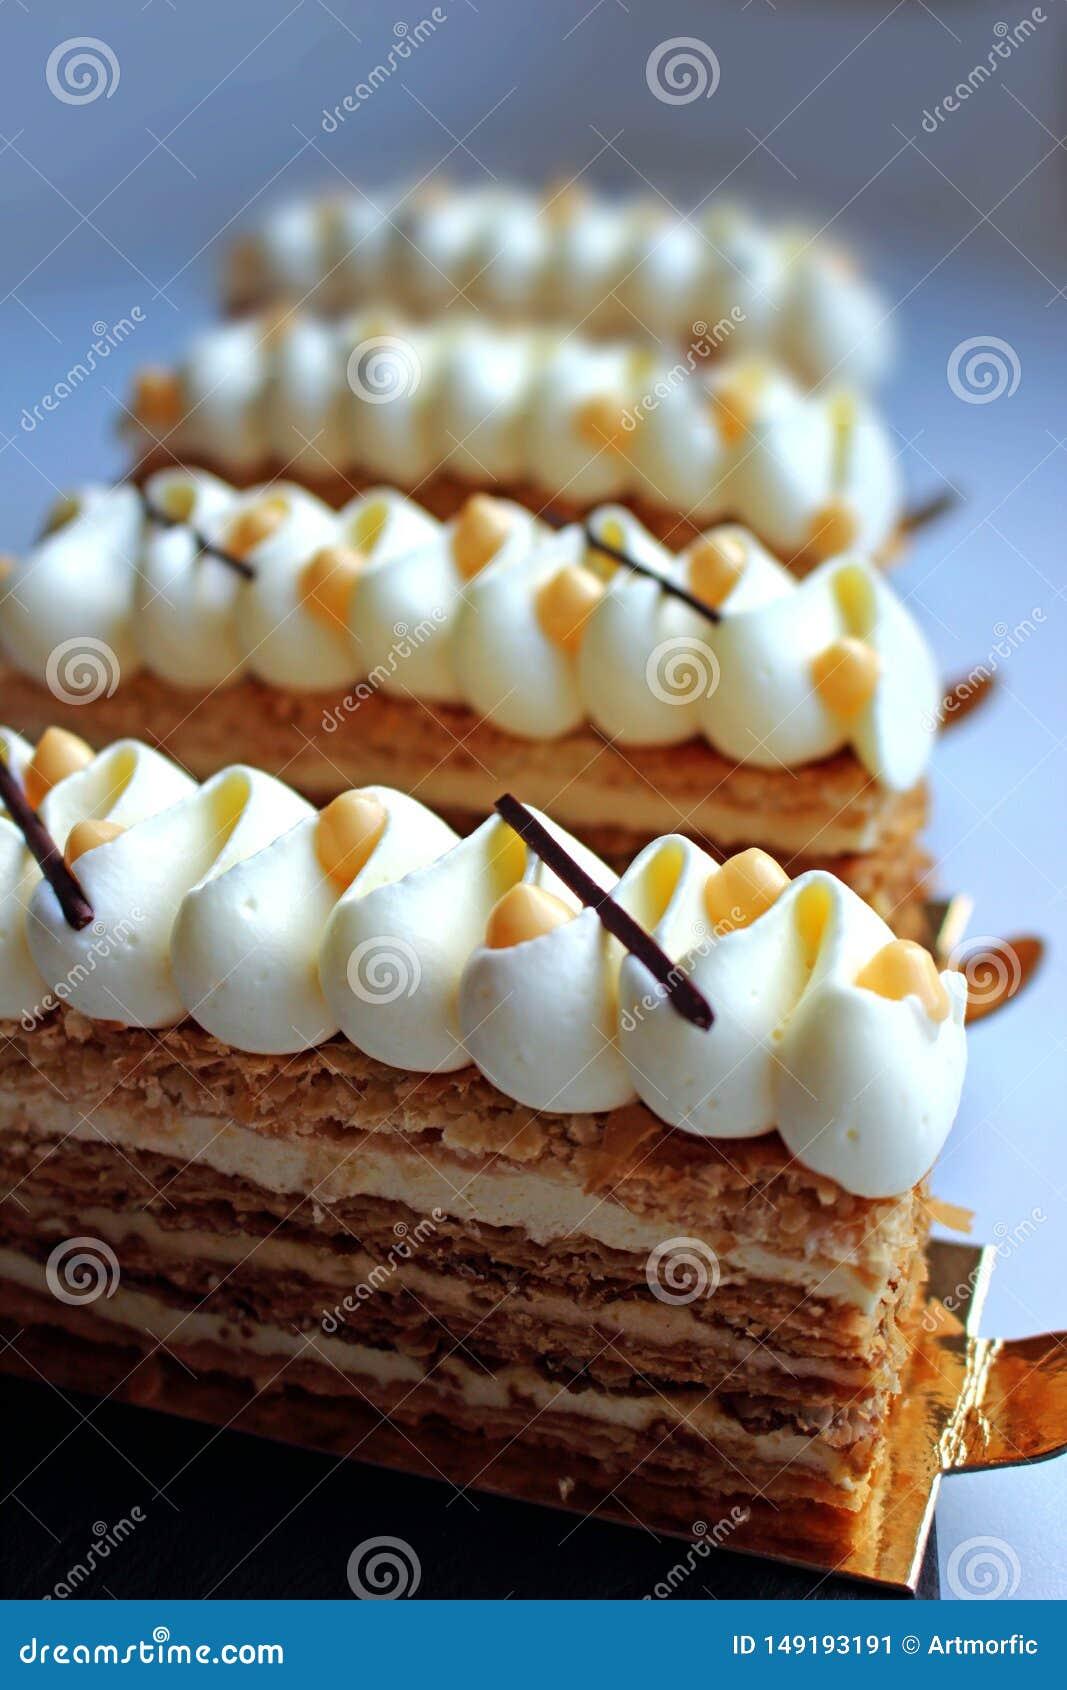 Skivor för smördegNapoleon kaka med vit toppning och citrus ostmassa på ljus bakgrund